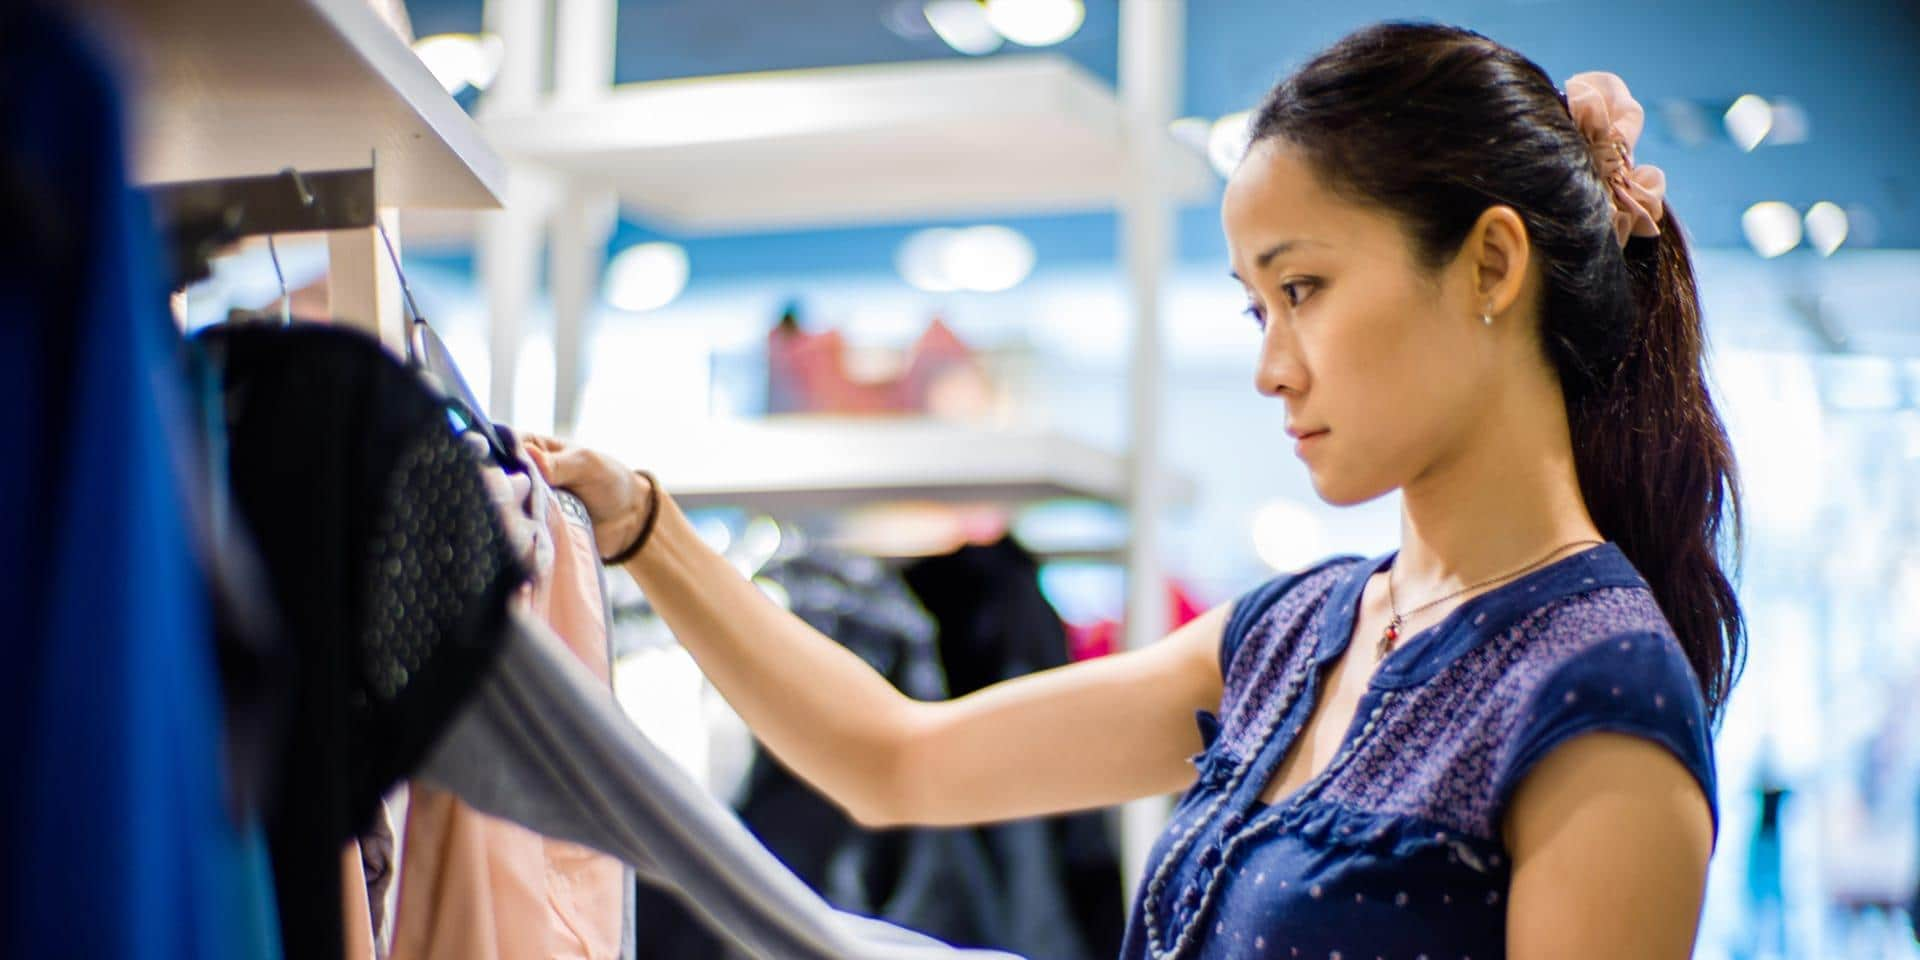 逛街买衣服的女性